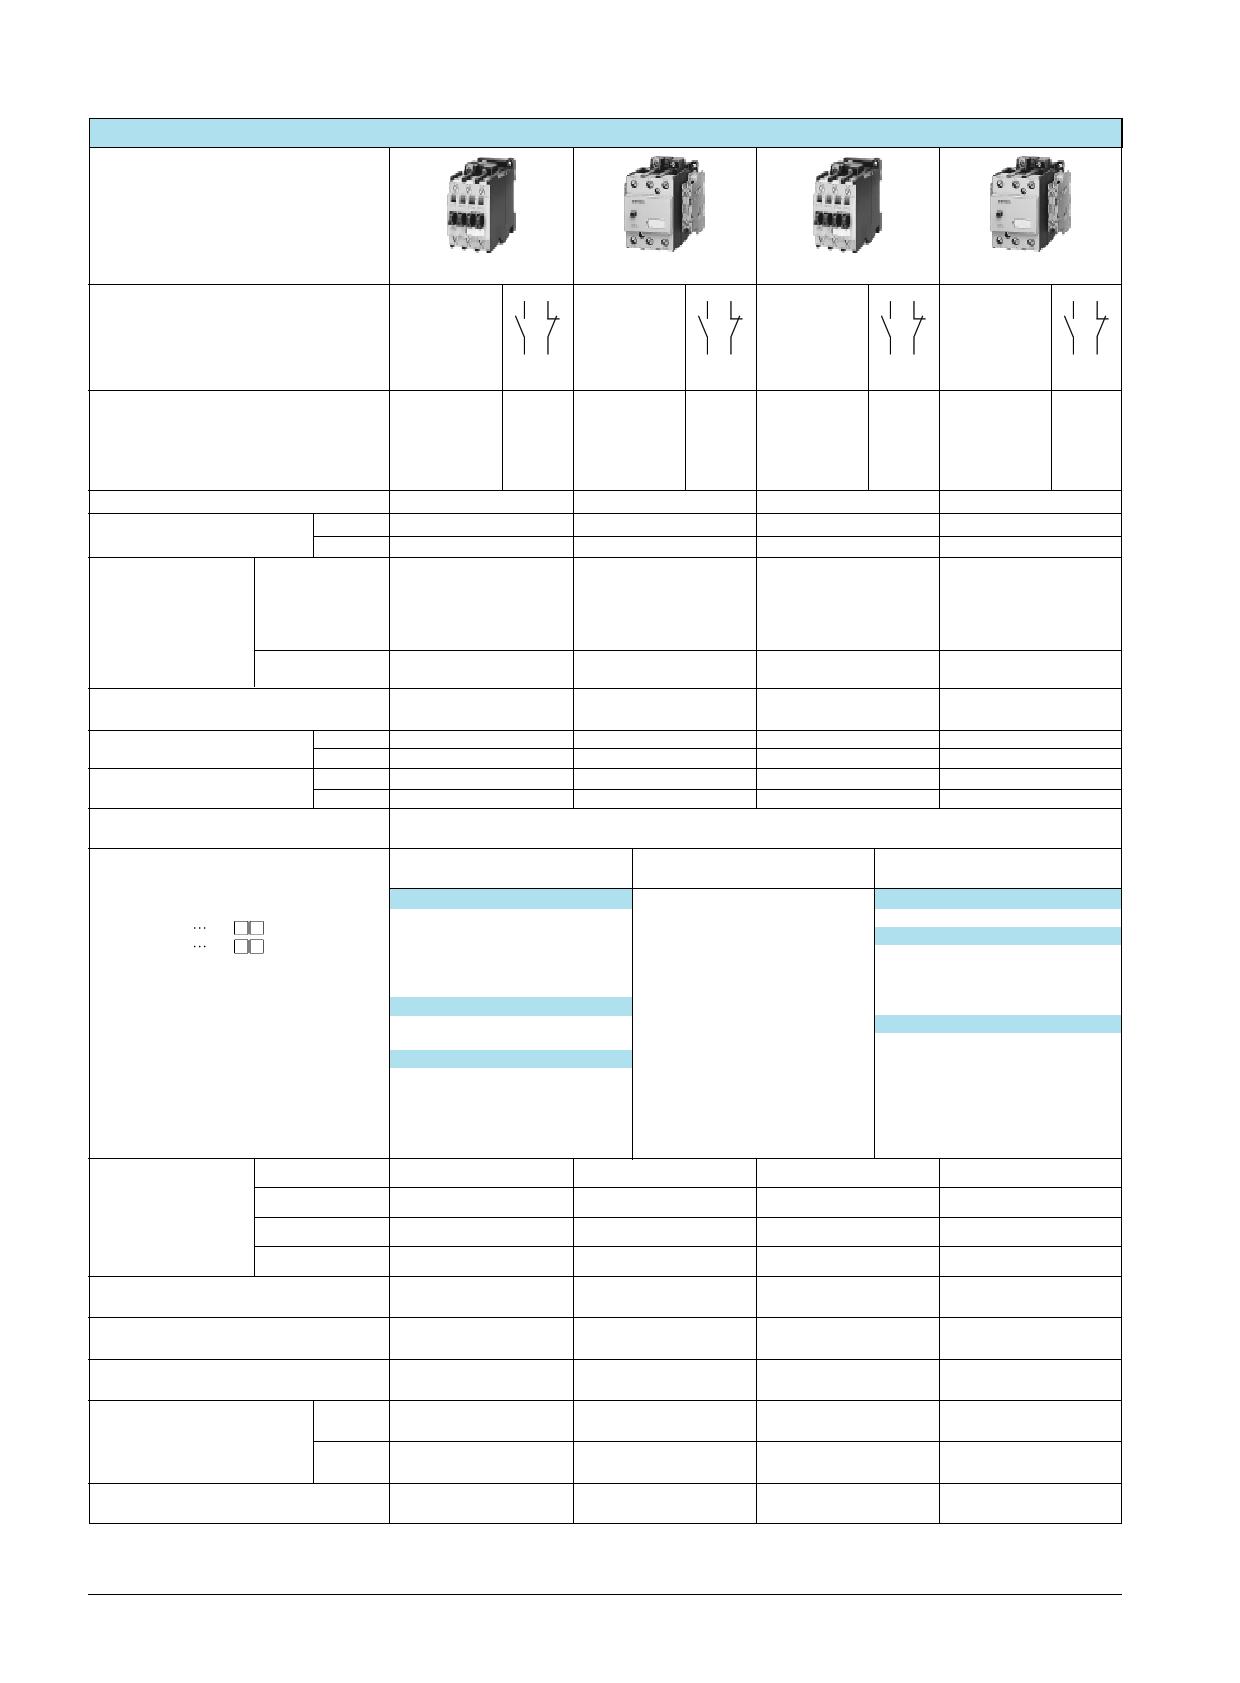 3TF52 pdf, 電子部品, 半導体, ピン配列